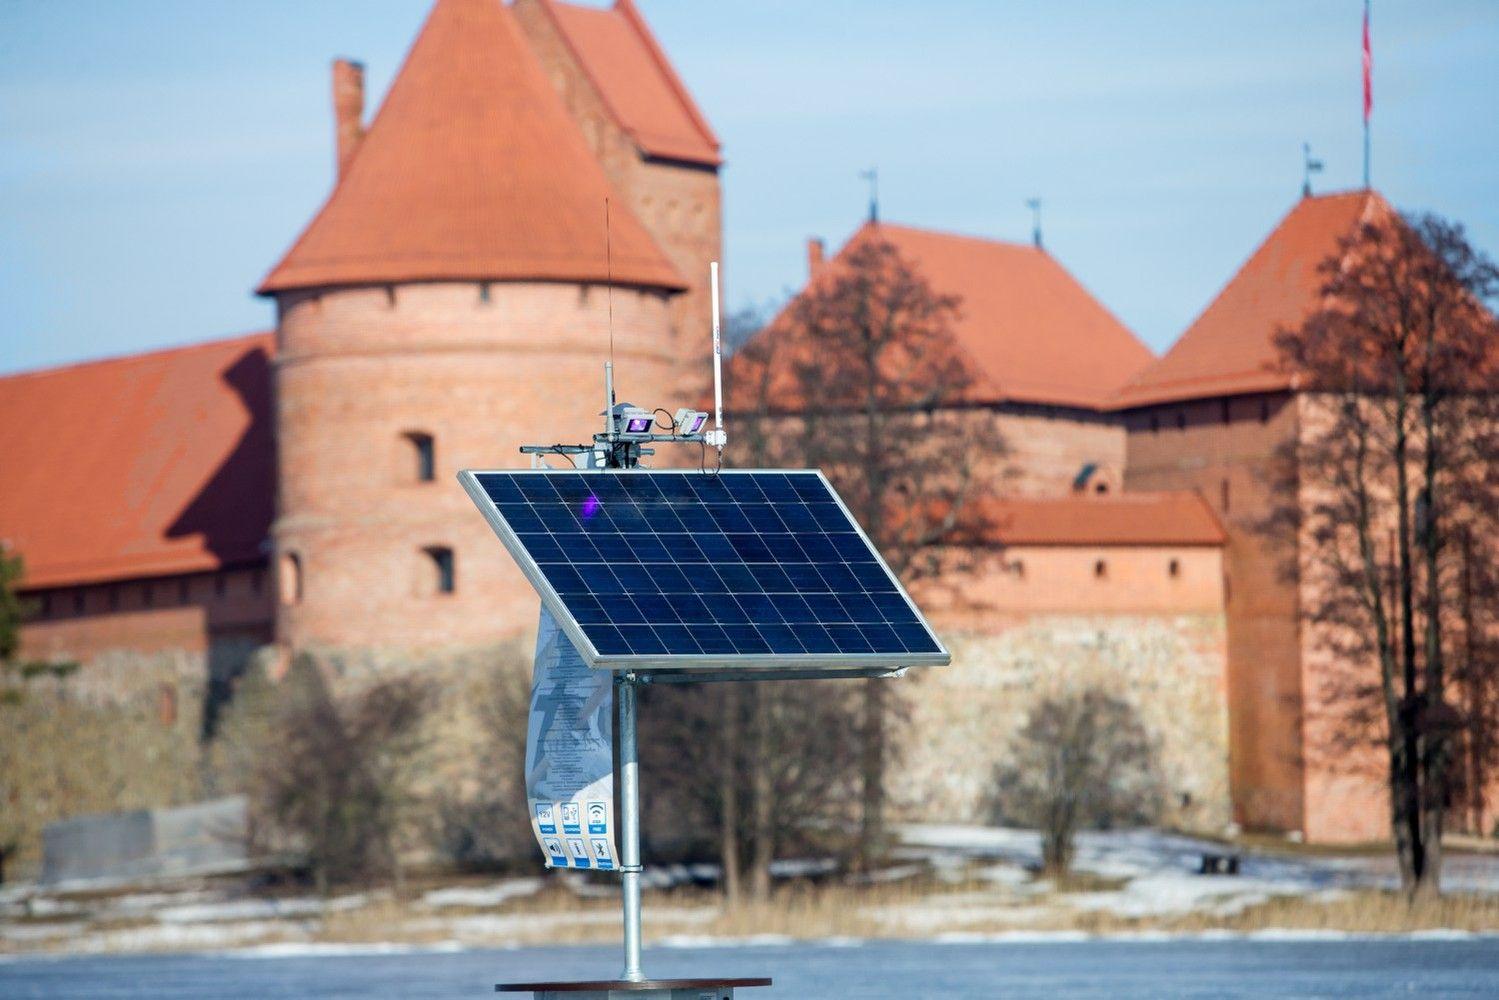 ESO pradeda diskusijas apie gaminančius elektros vartotojus